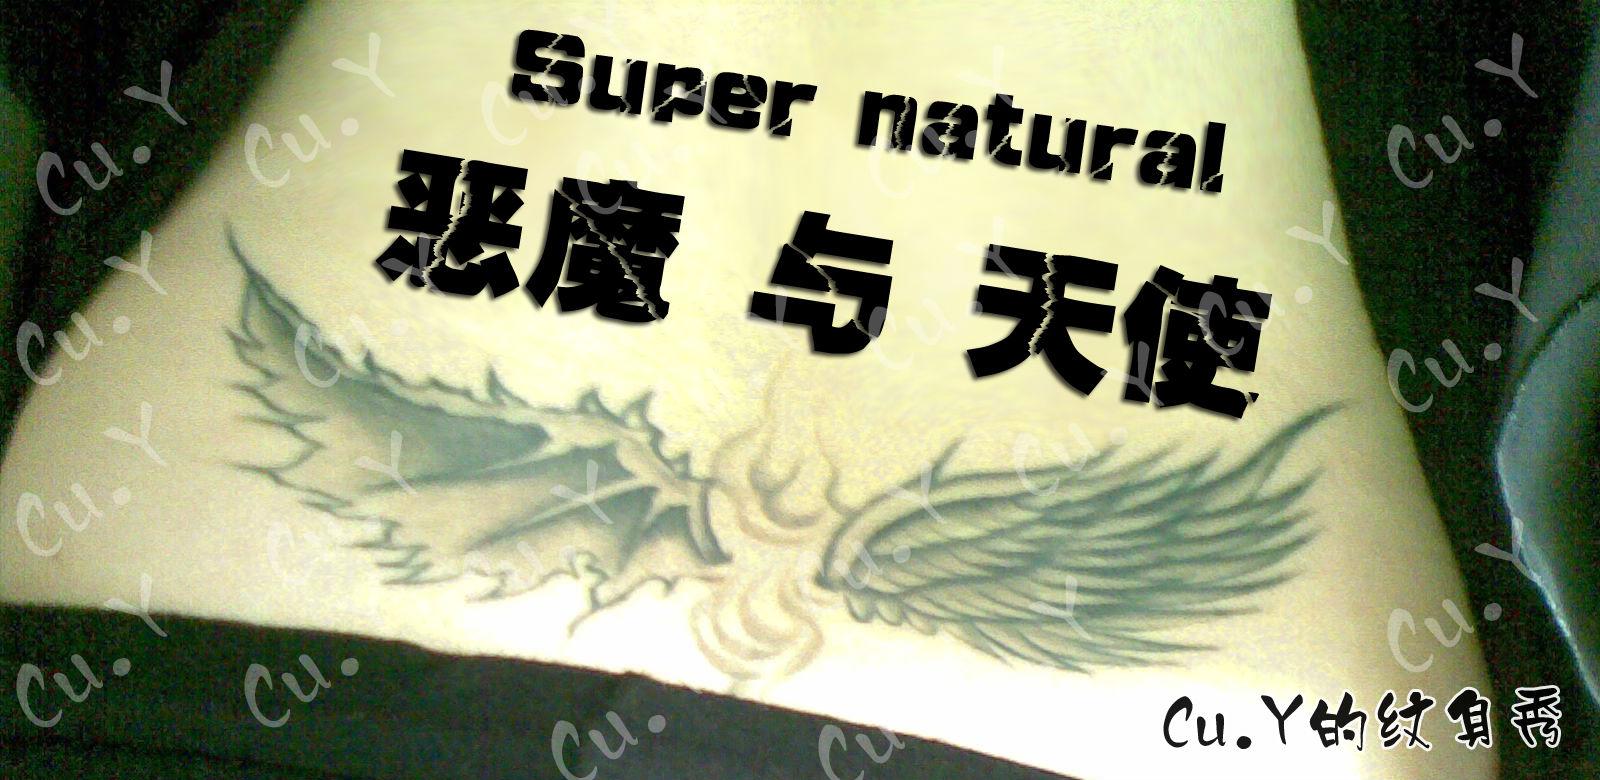 纹身图案 天使之翼纹身 恶魔 > 【折翼天使纹身】纹身六翼恶魔天图片